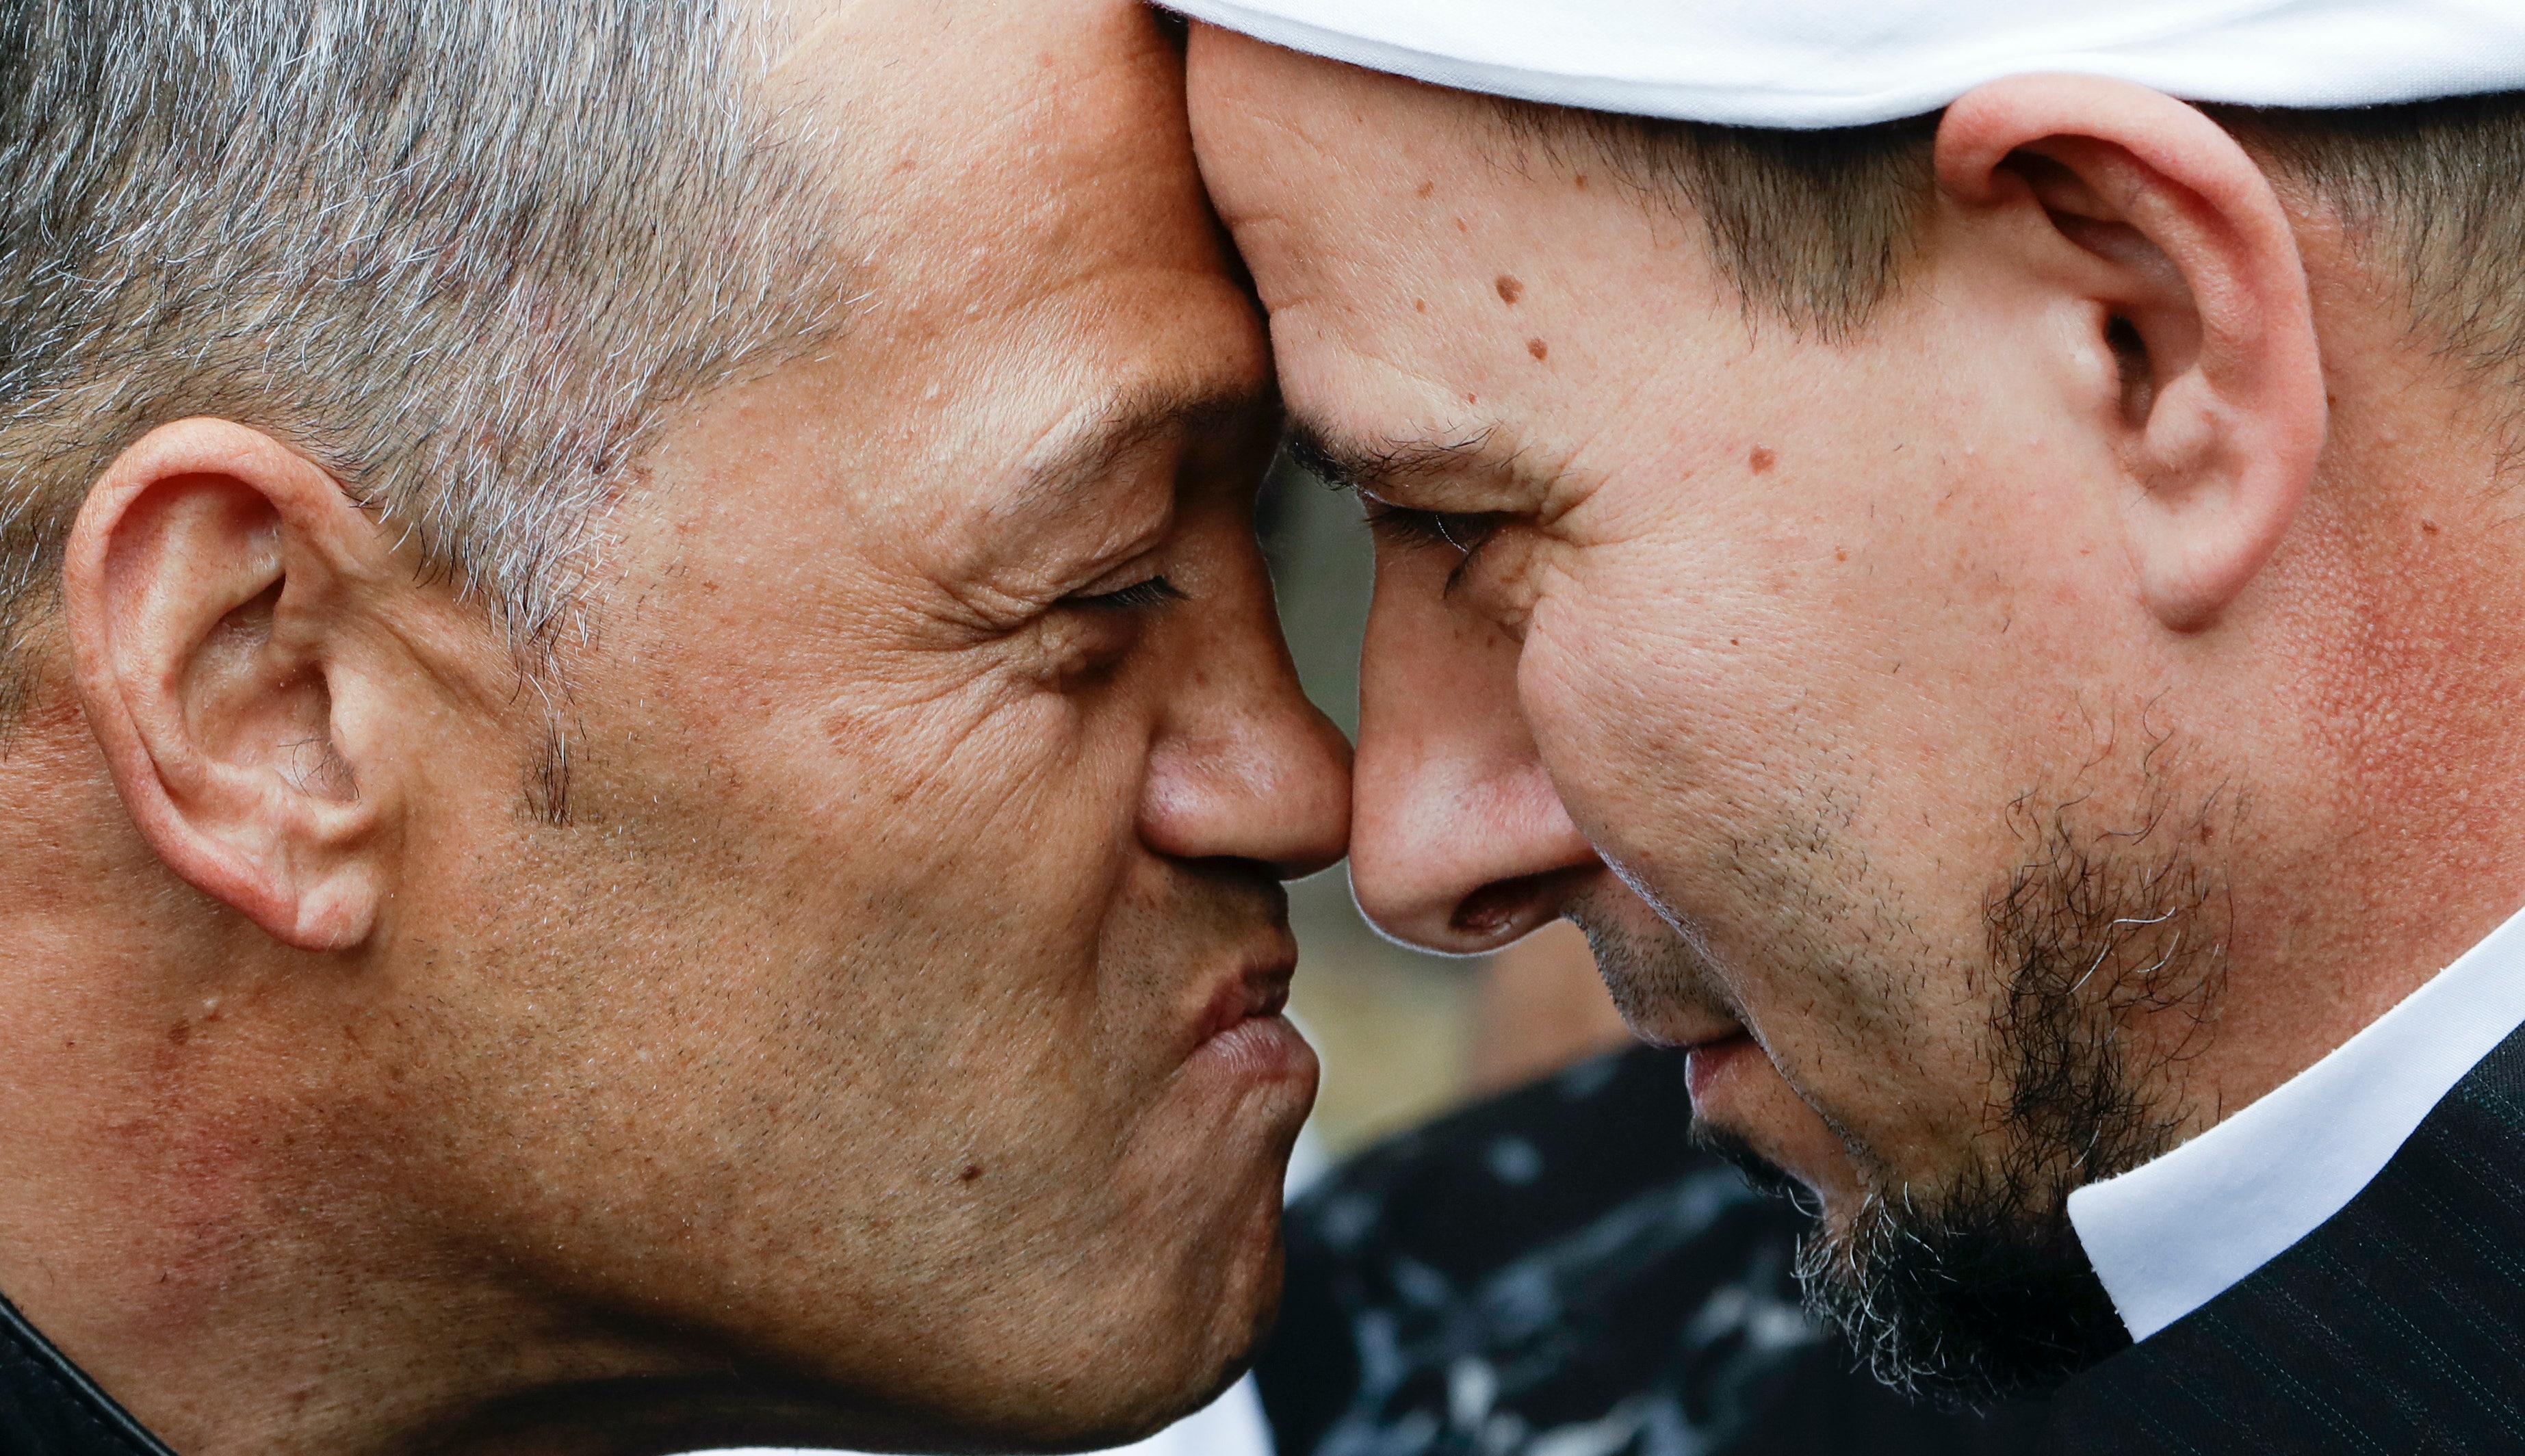 New Zealand marks anniversary of Christchurch mosque massacre | Fox News